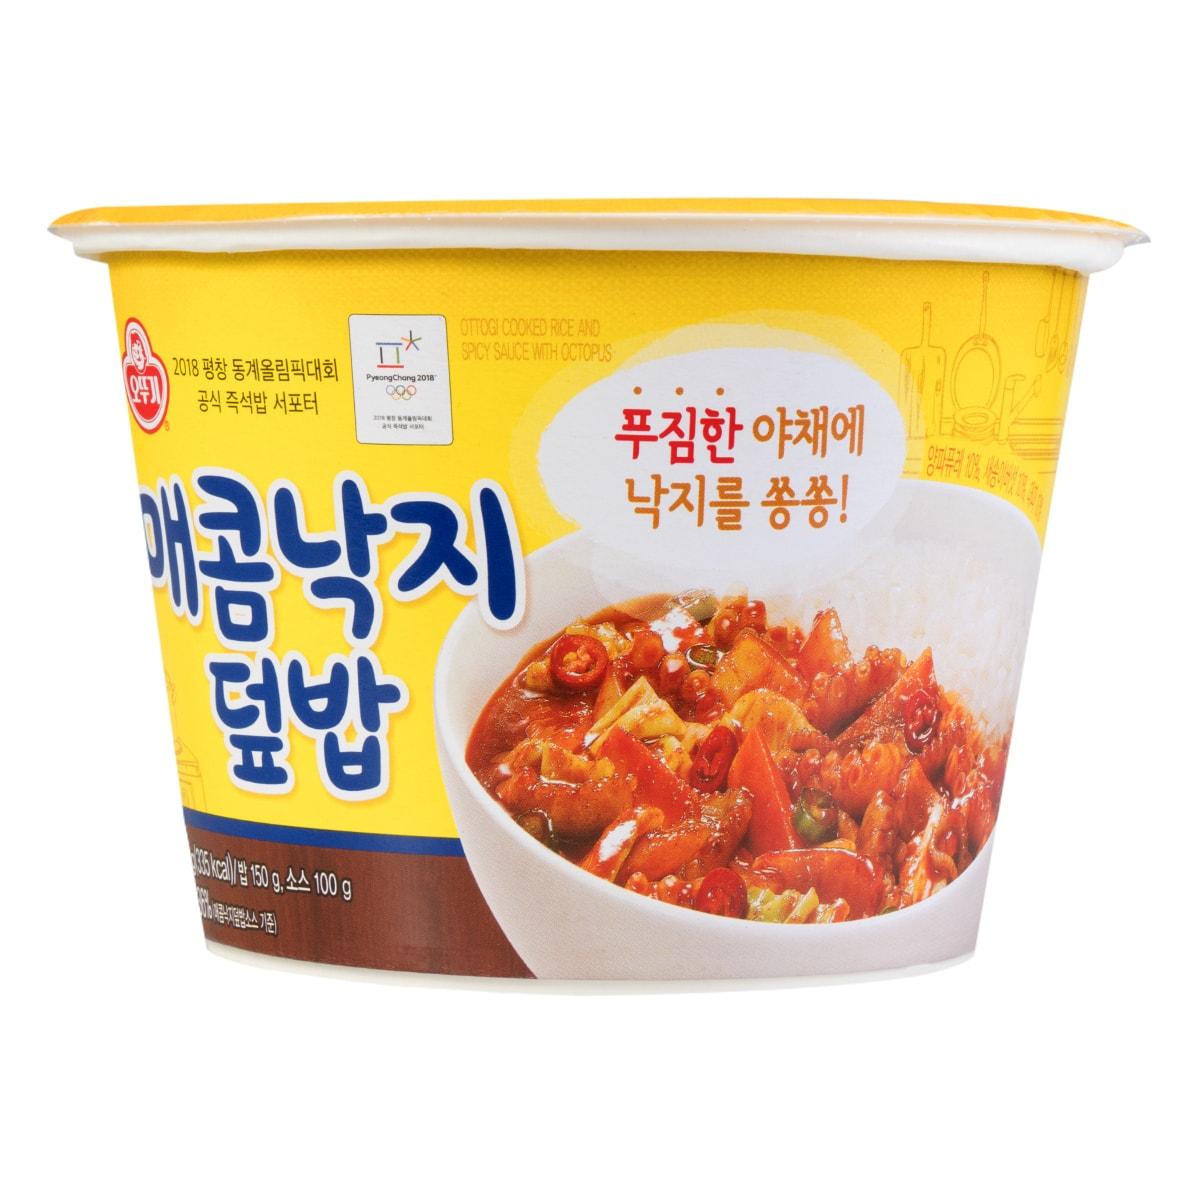 韩国OTTOGI不倒翁 韩式章鱼拌饭 杯装 250g